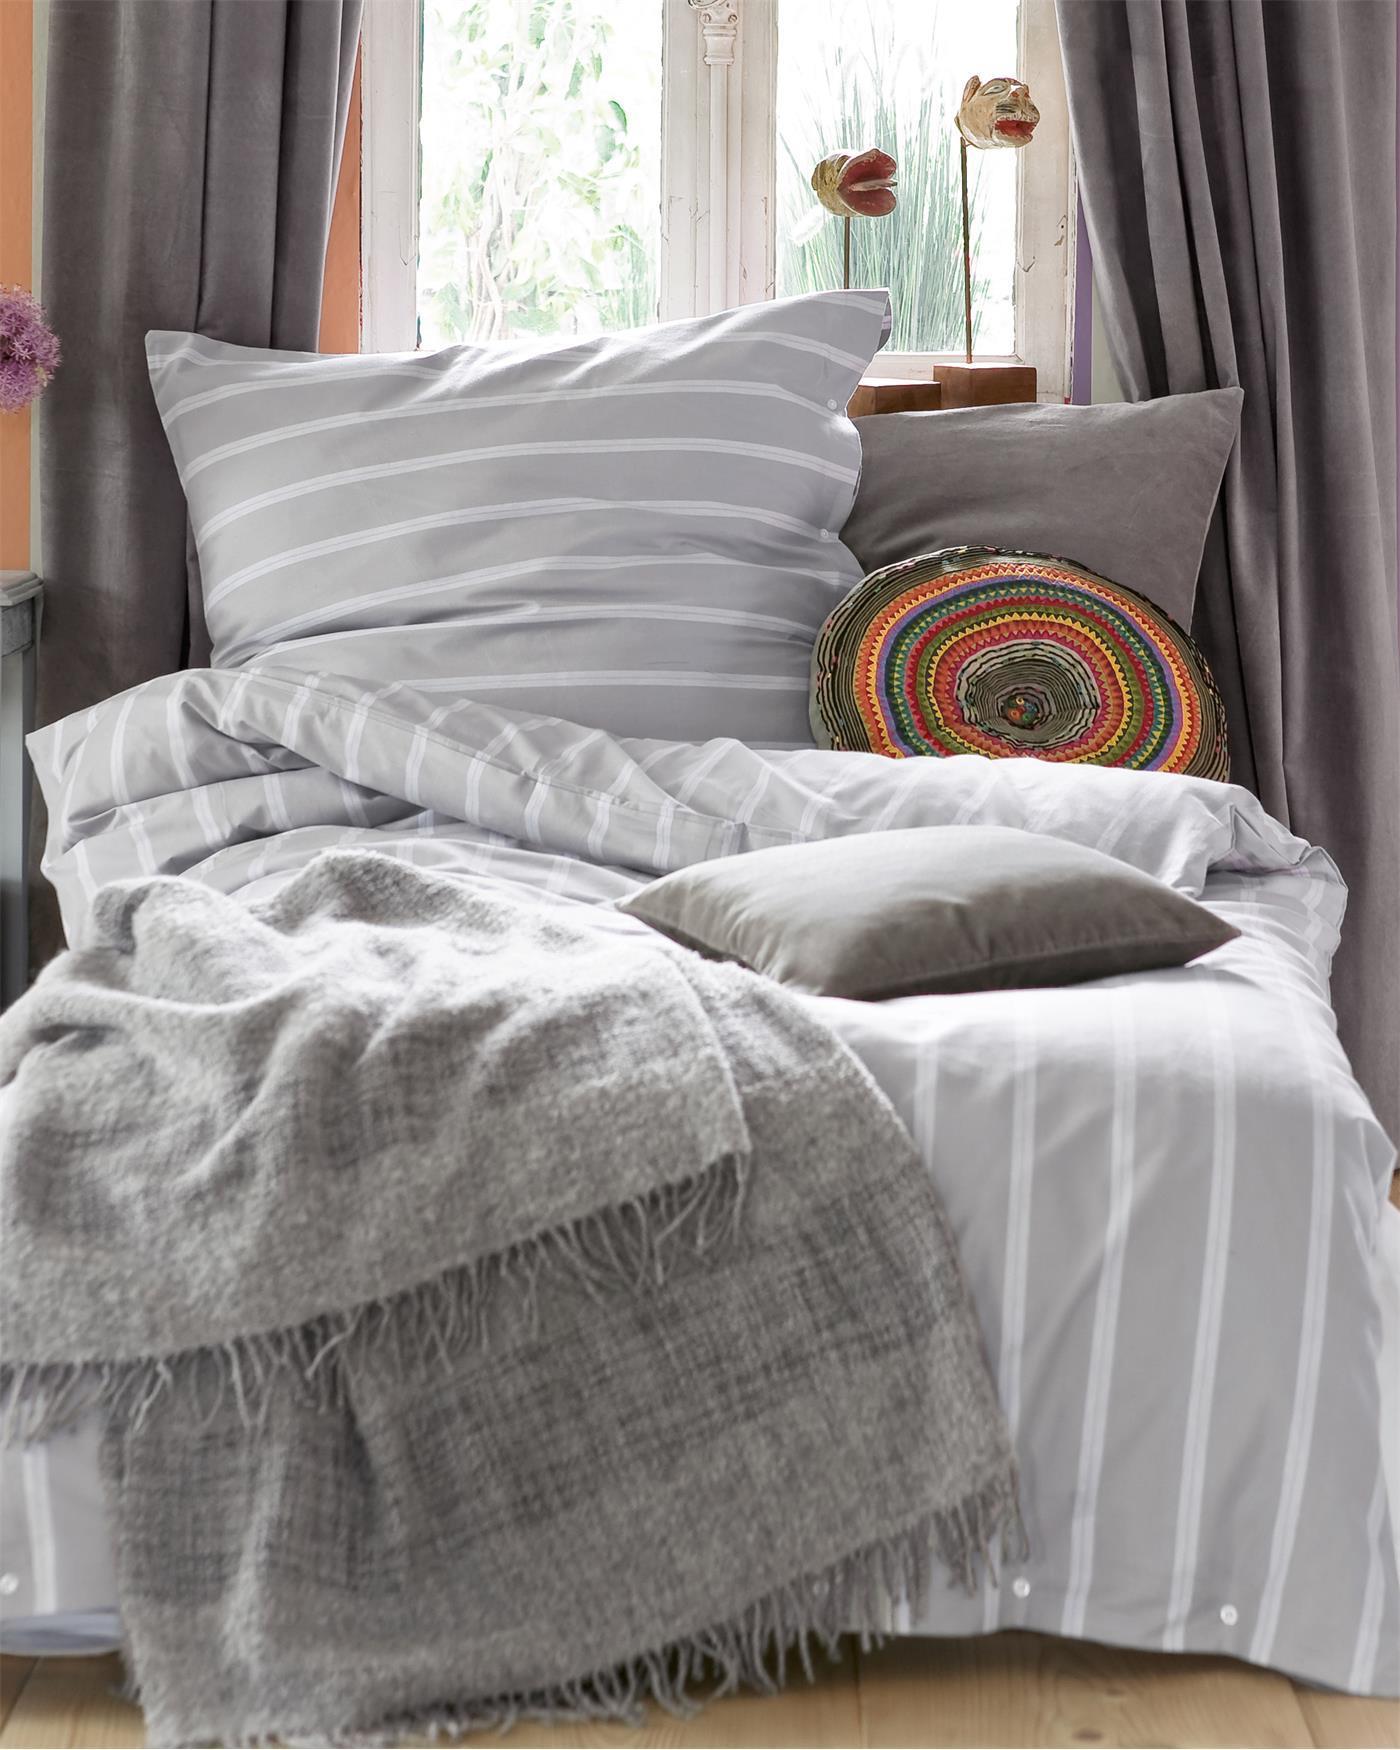 bettw sche platingrau mit streifen auf. Black Bedroom Furniture Sets. Home Design Ideas